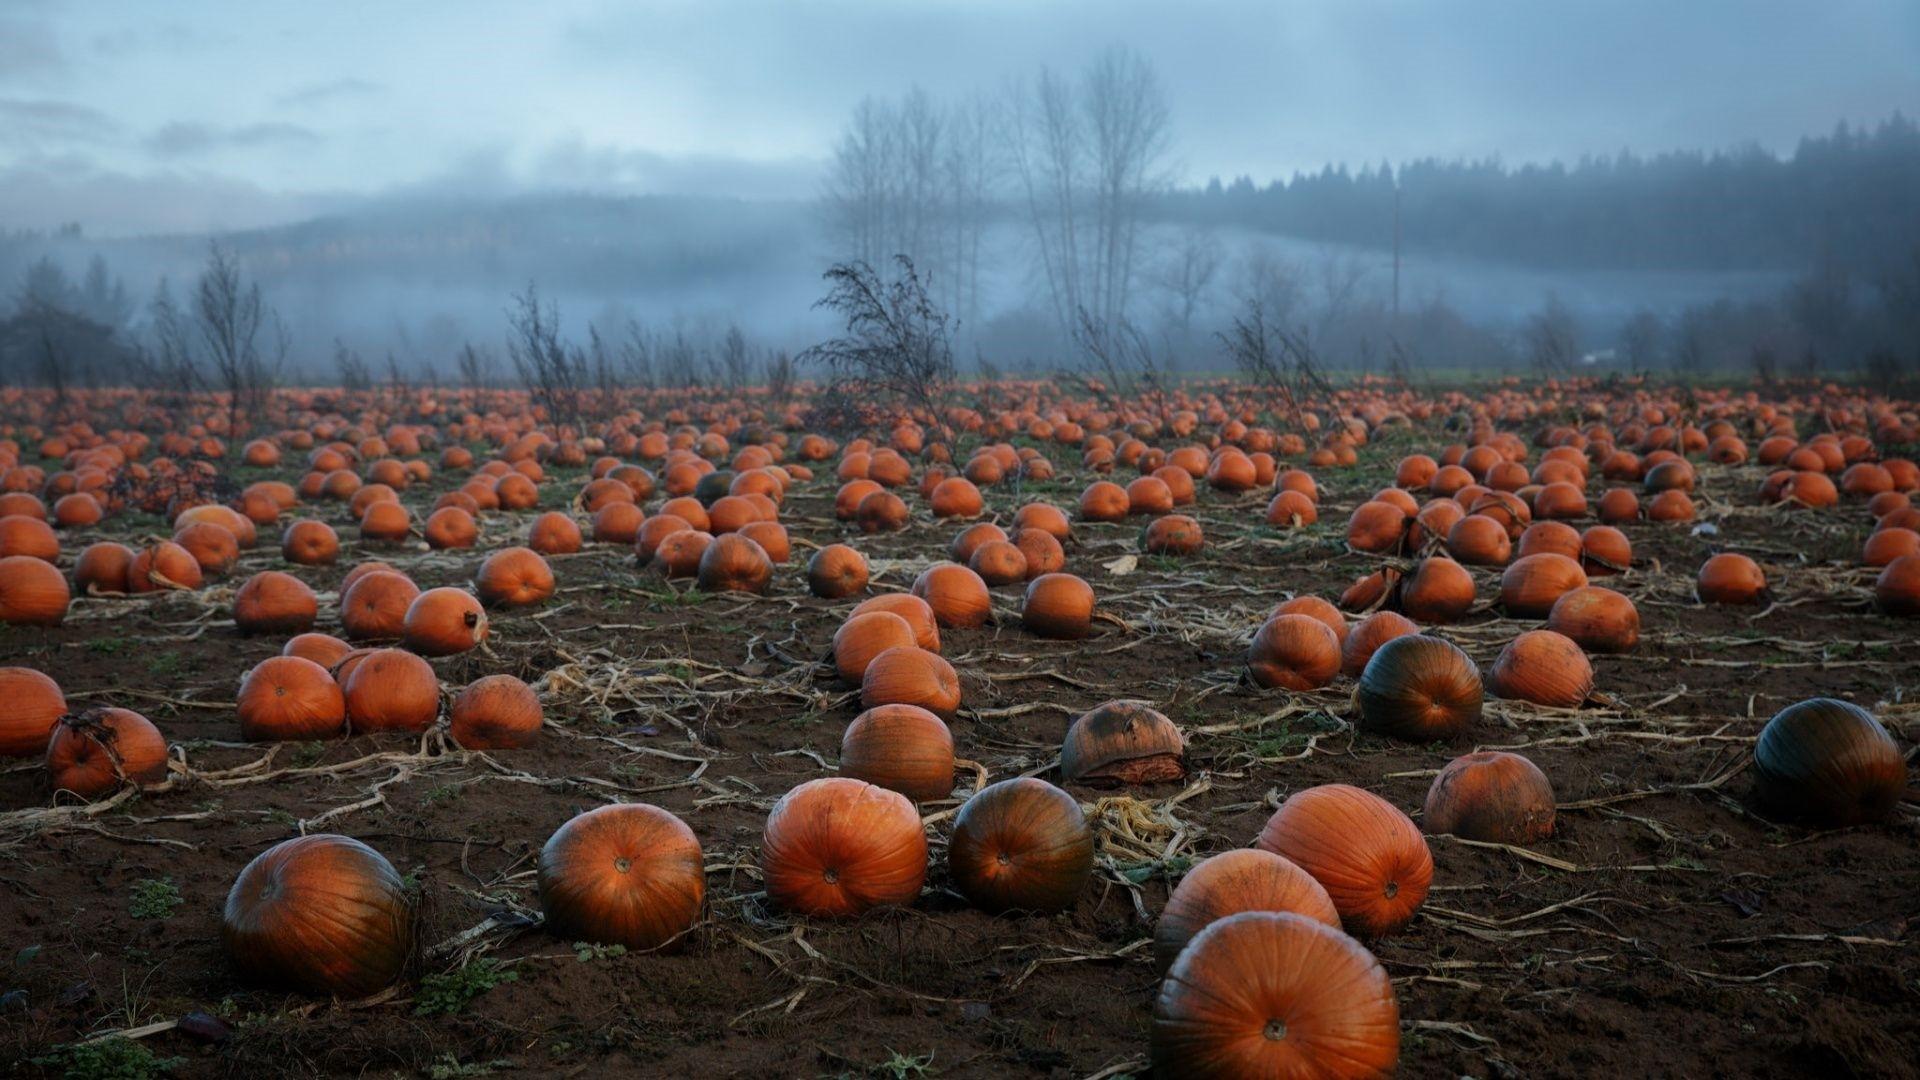 Pumpkin Wallpaper for pc